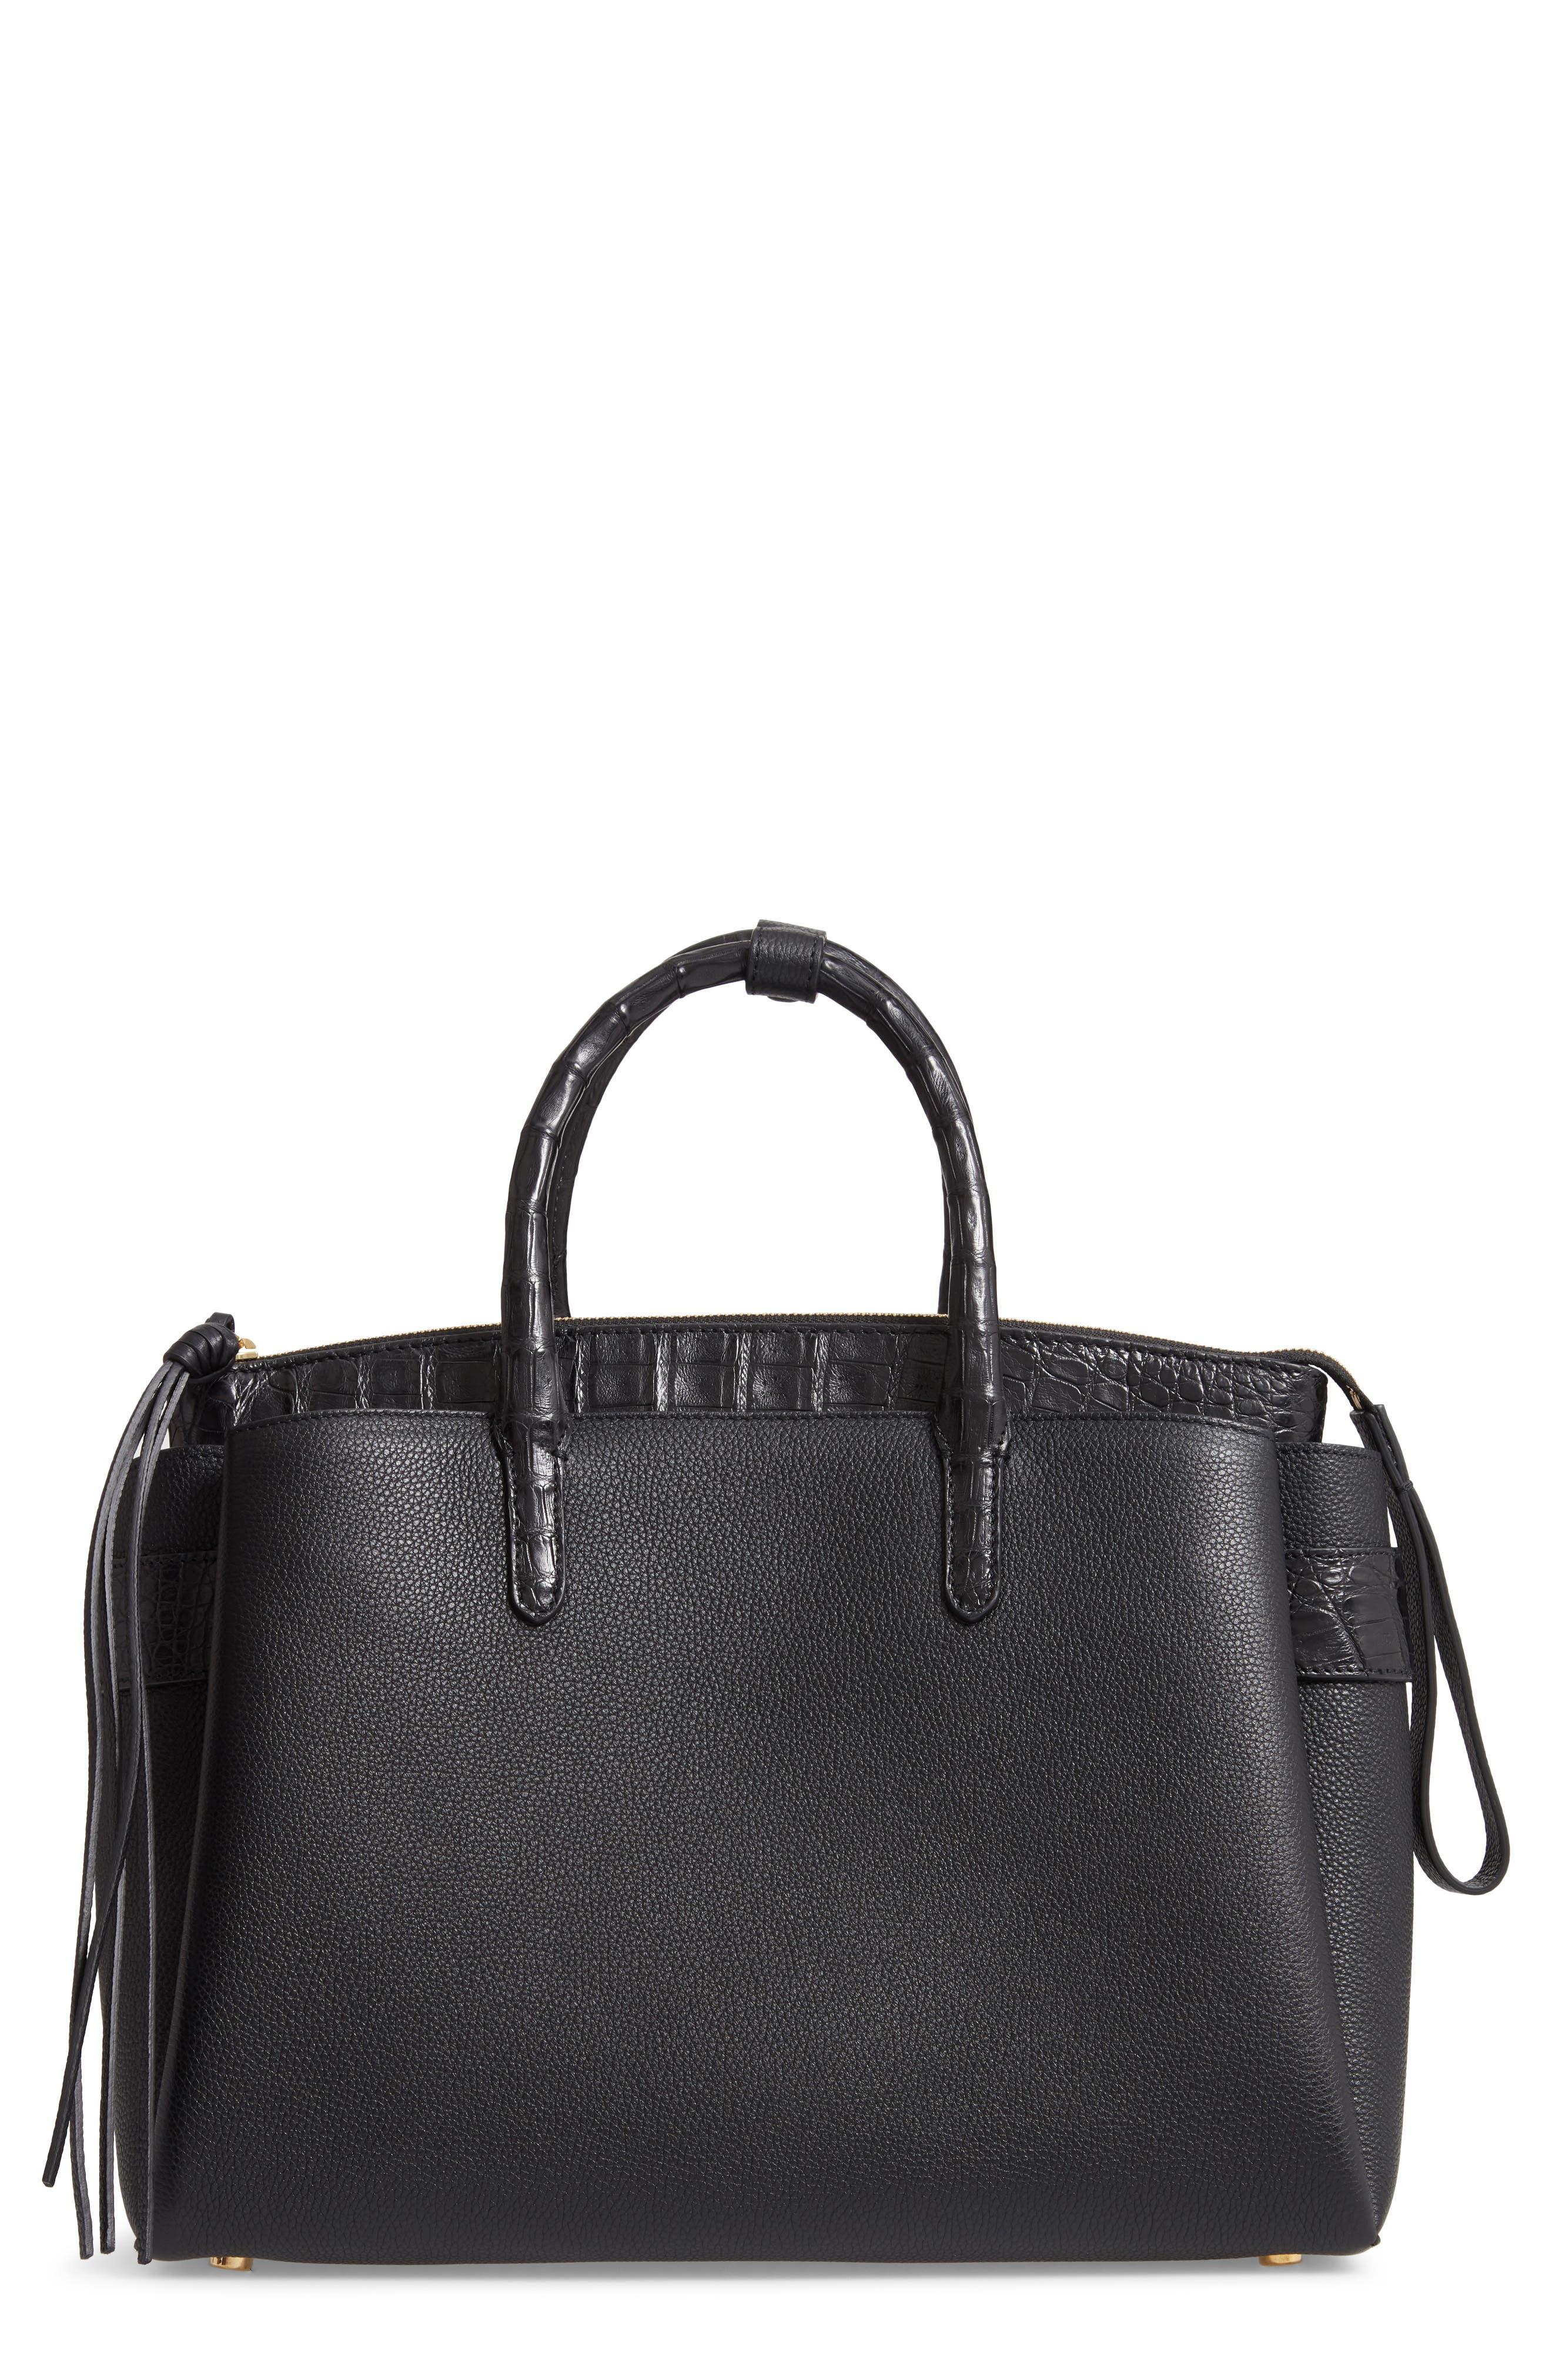 NANCY GONZALEZ Cristie Leather & Genuine Crocodile Satchel, Main, color, BLACK MATTE